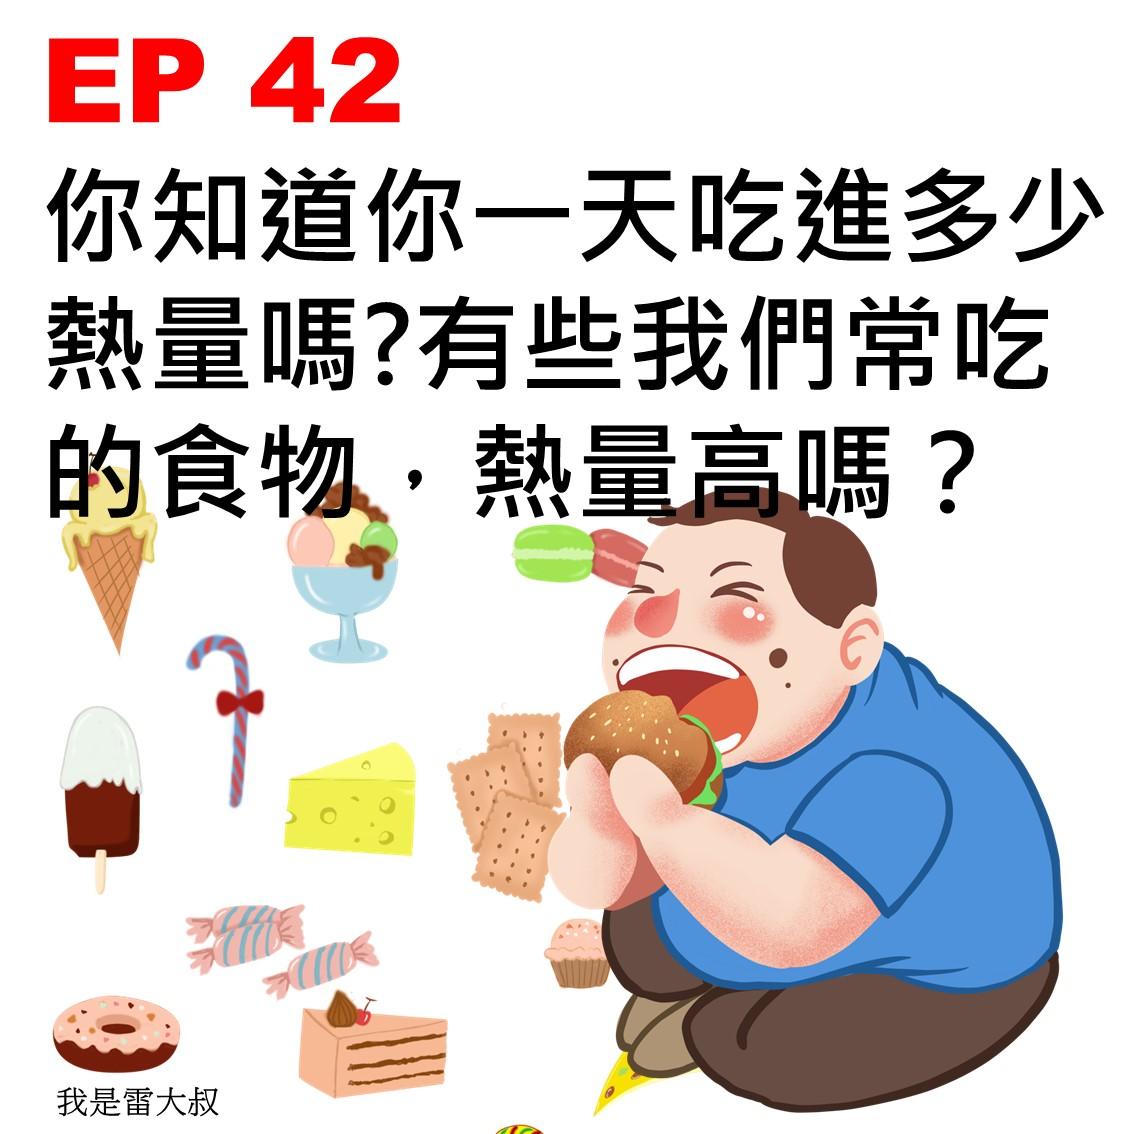 EP 42   你知道你一天吃進多少熱量嗎?有些我們常吃的食物,熱量高嗎?